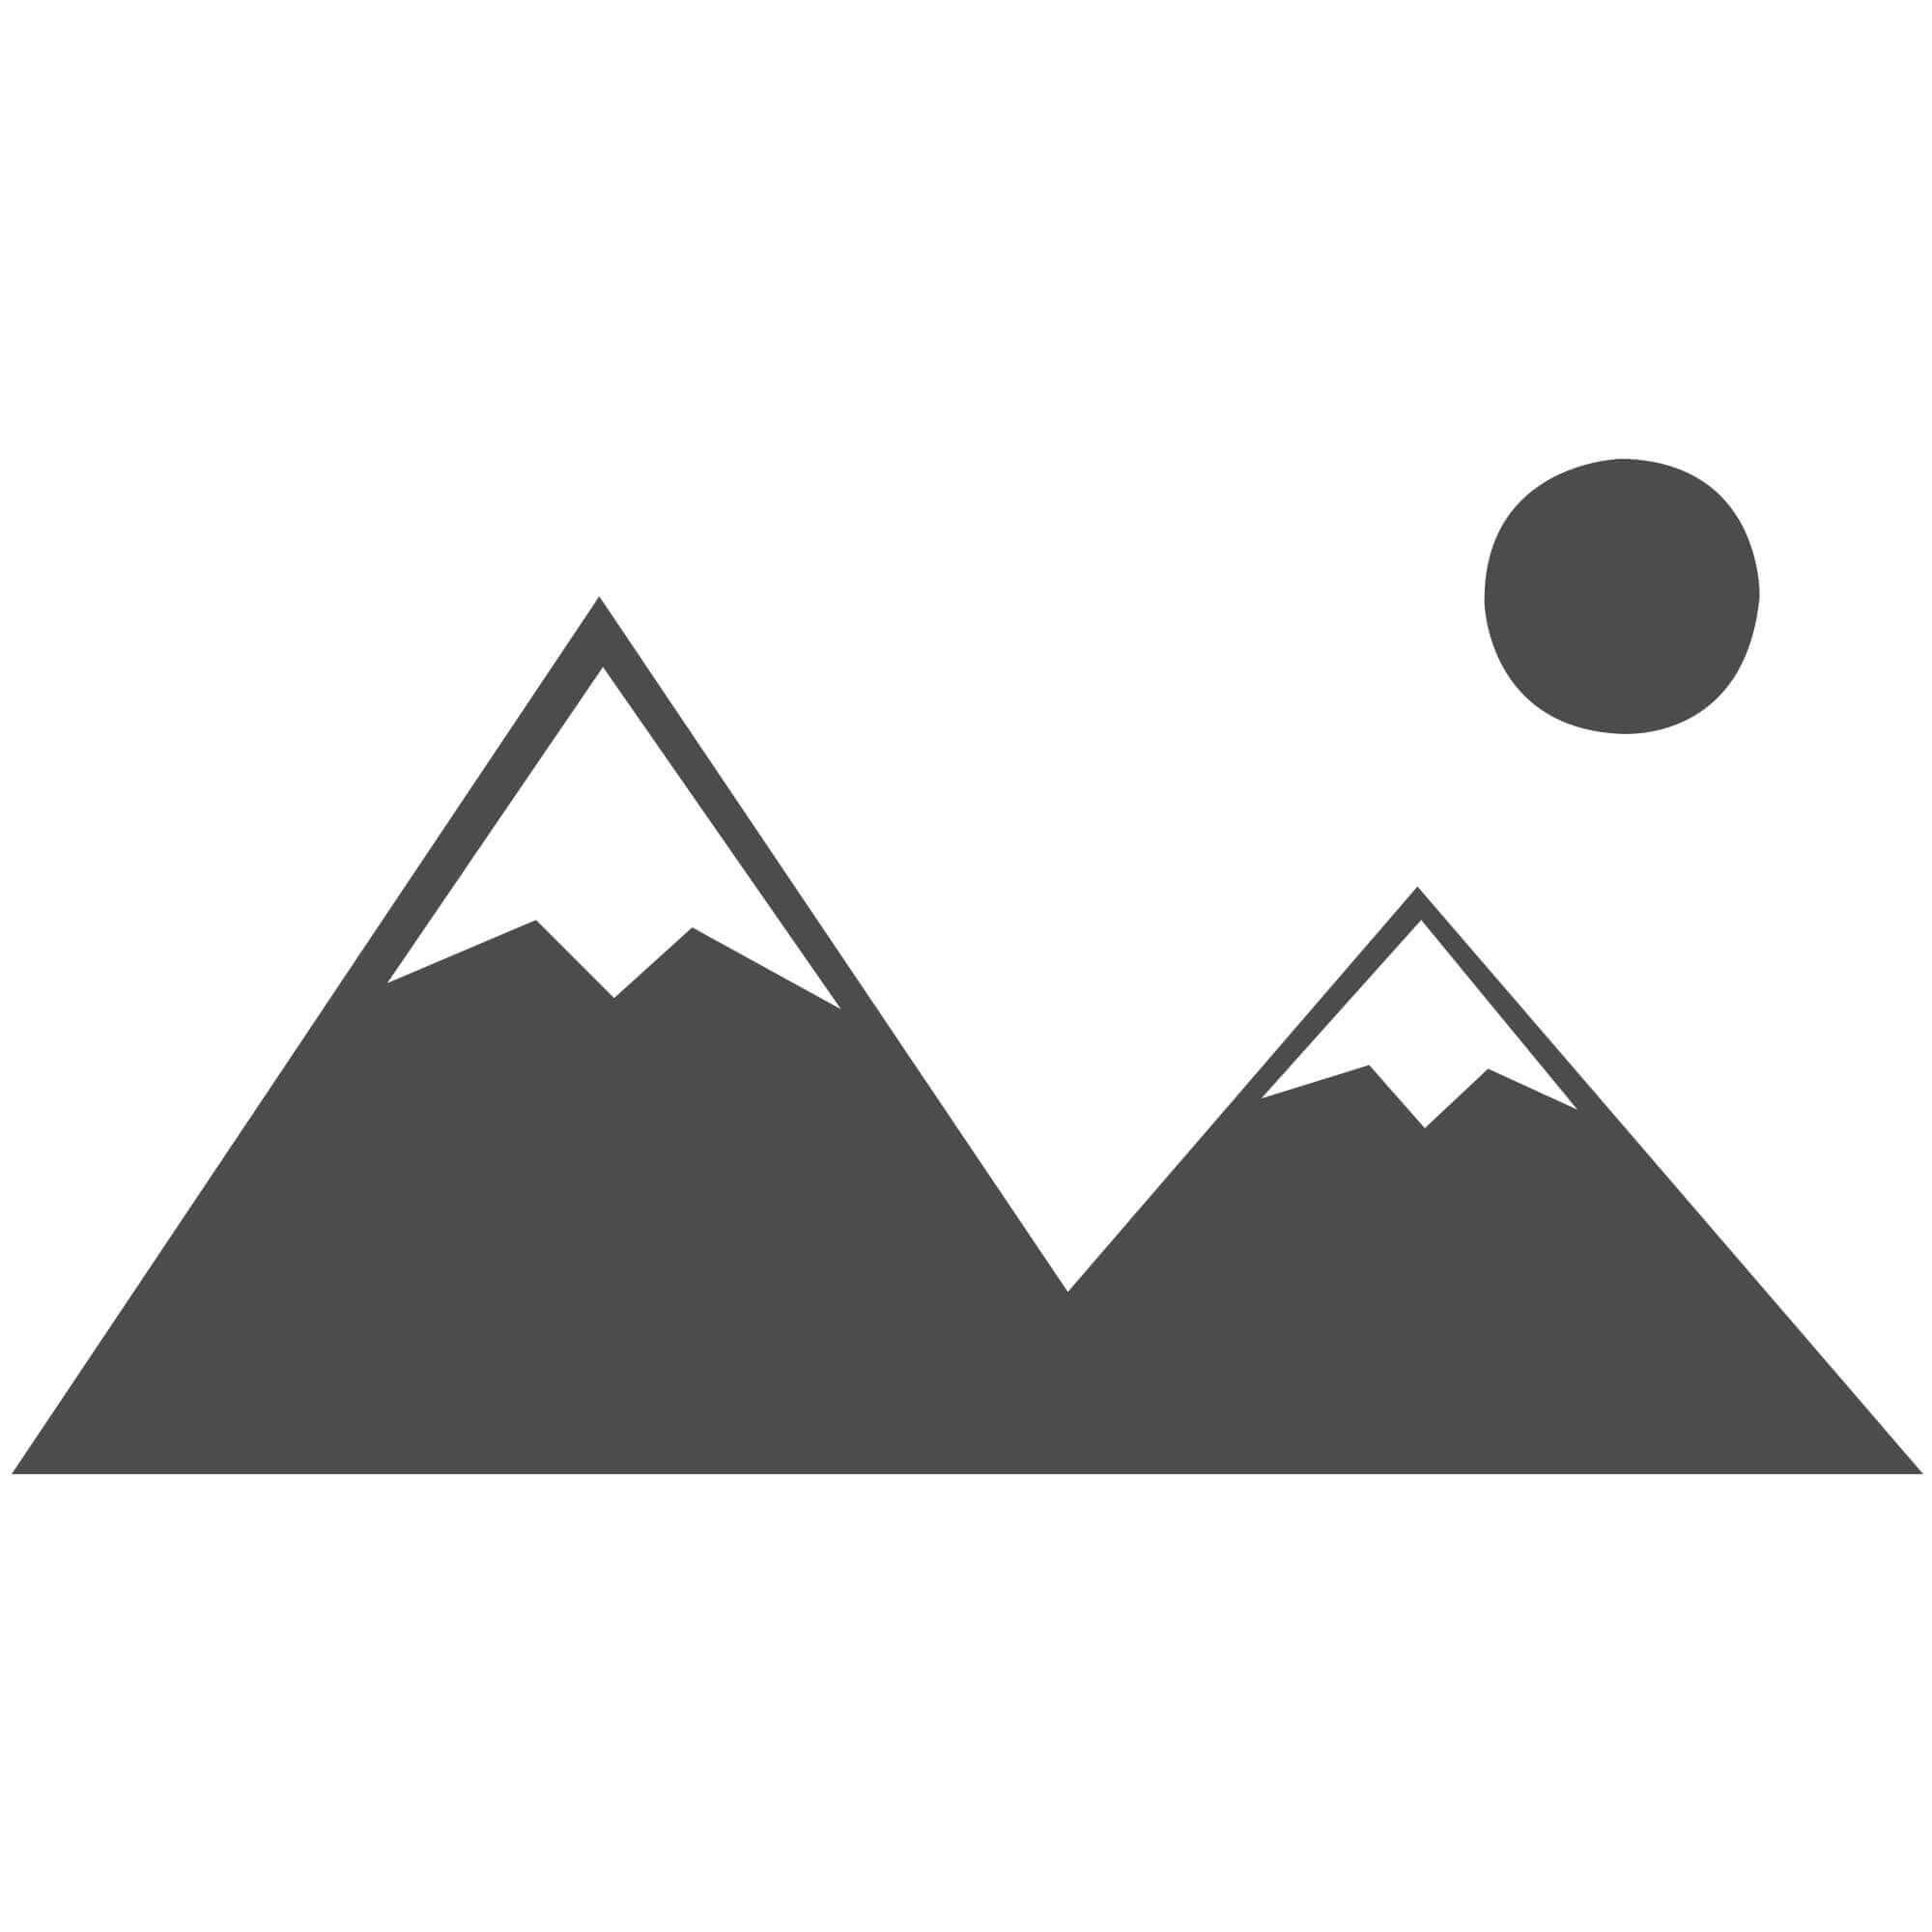 """Lulu Shaggy Rug - Pink - Size 200 x 290 cm (6'7"""" x 9'6"""")"""